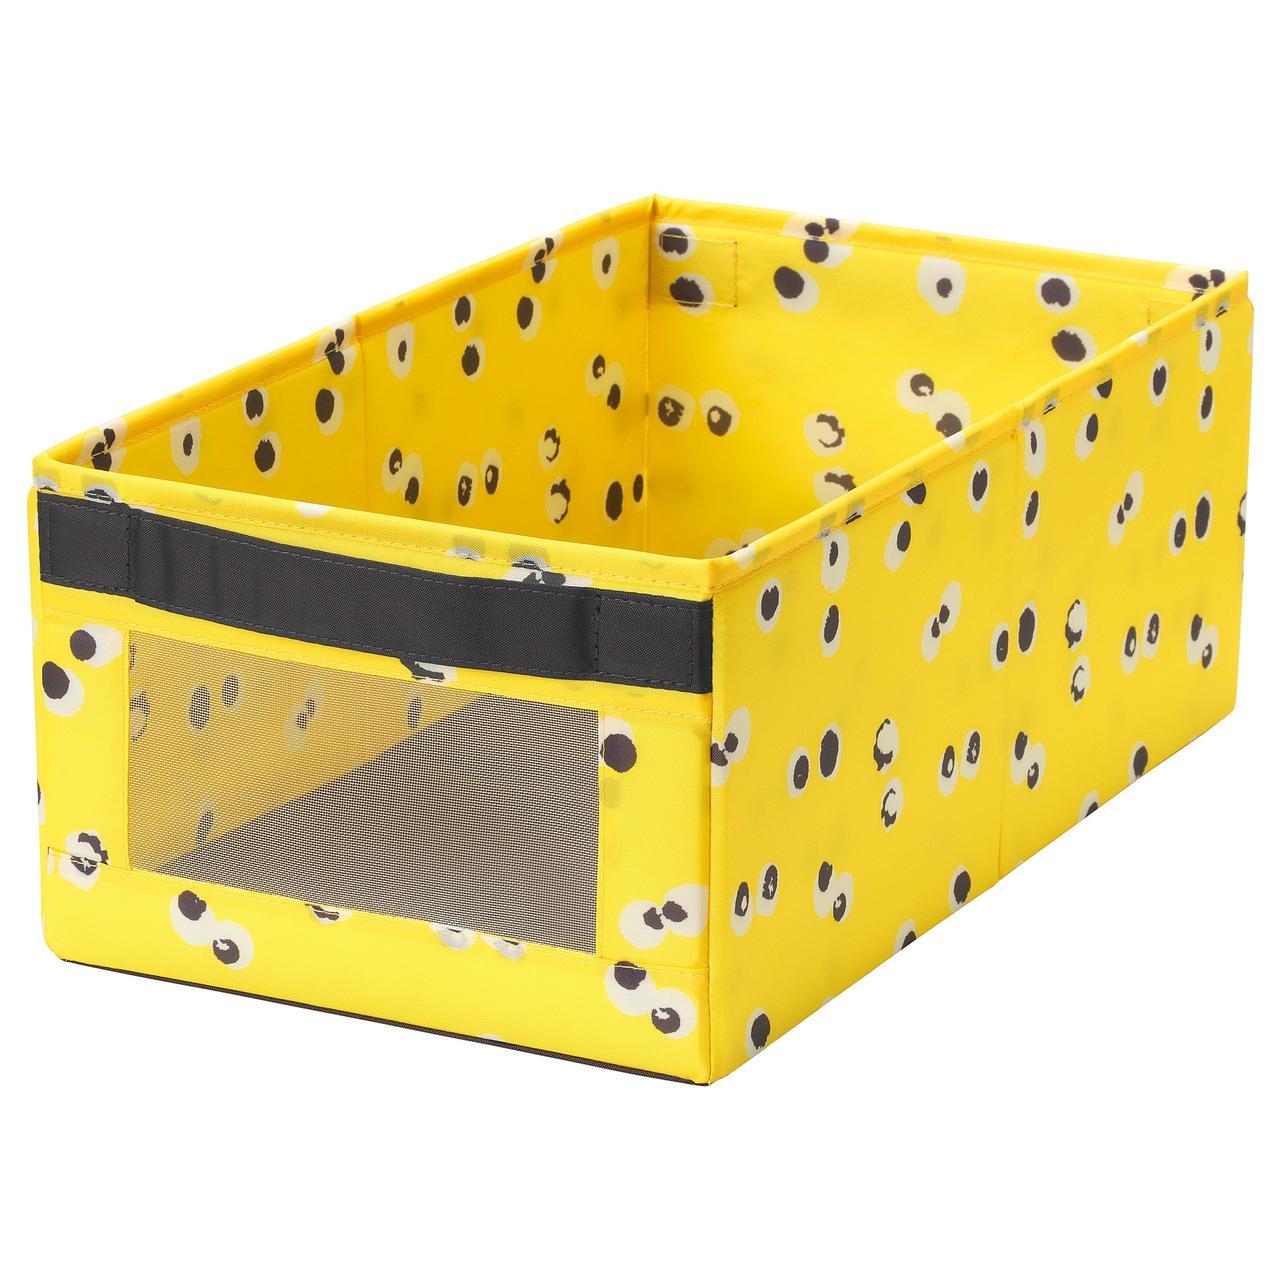 АНГЕЛЭГЕН Коробка, желтый